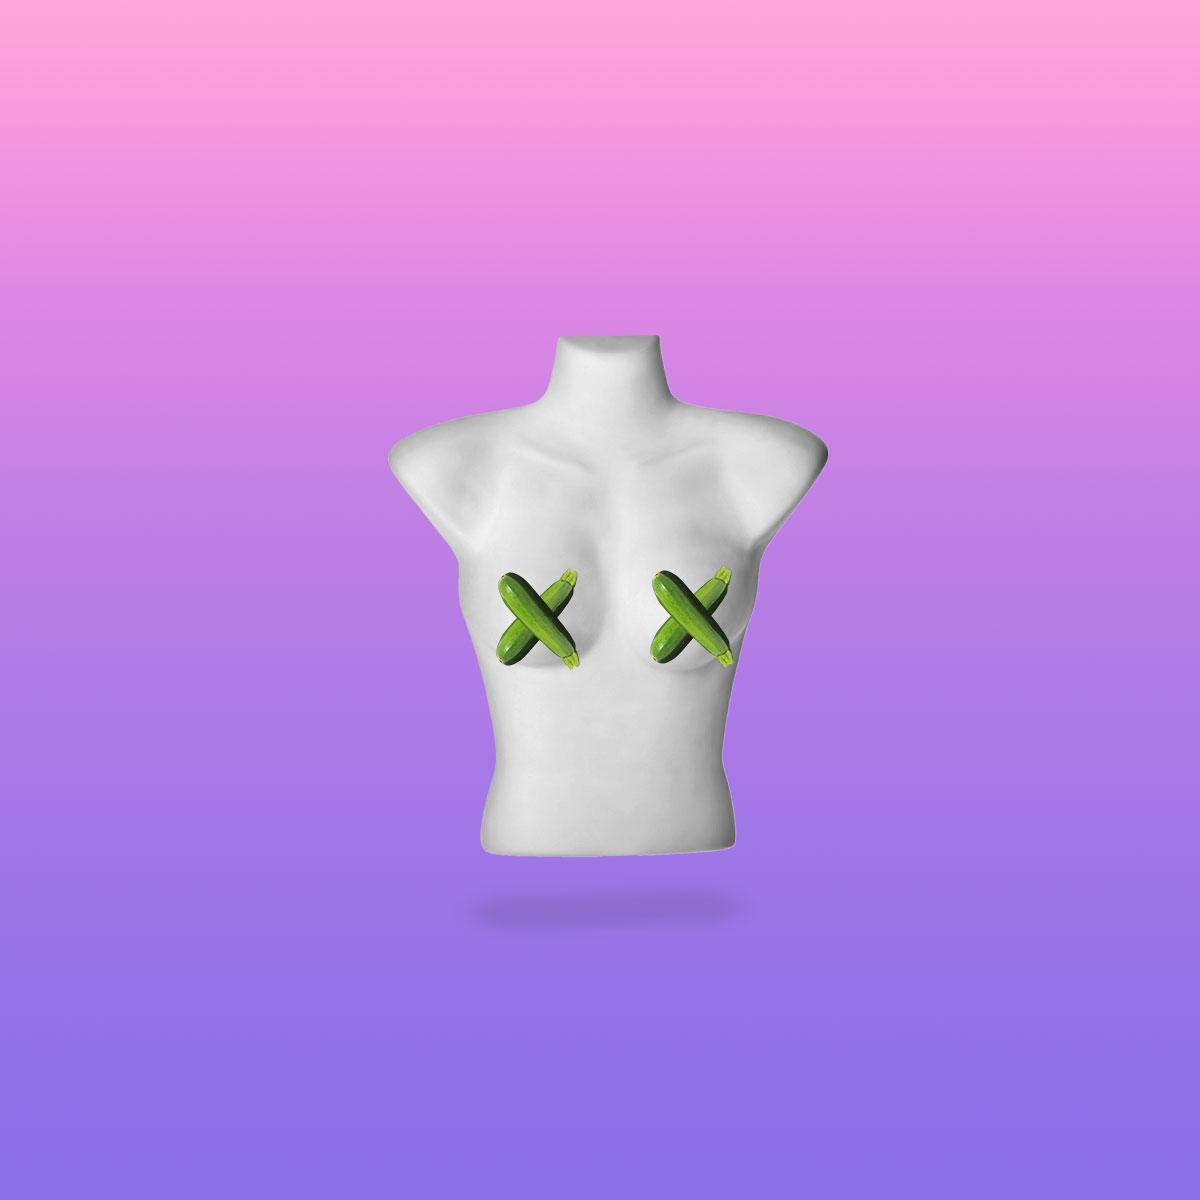 michelle x felicia project